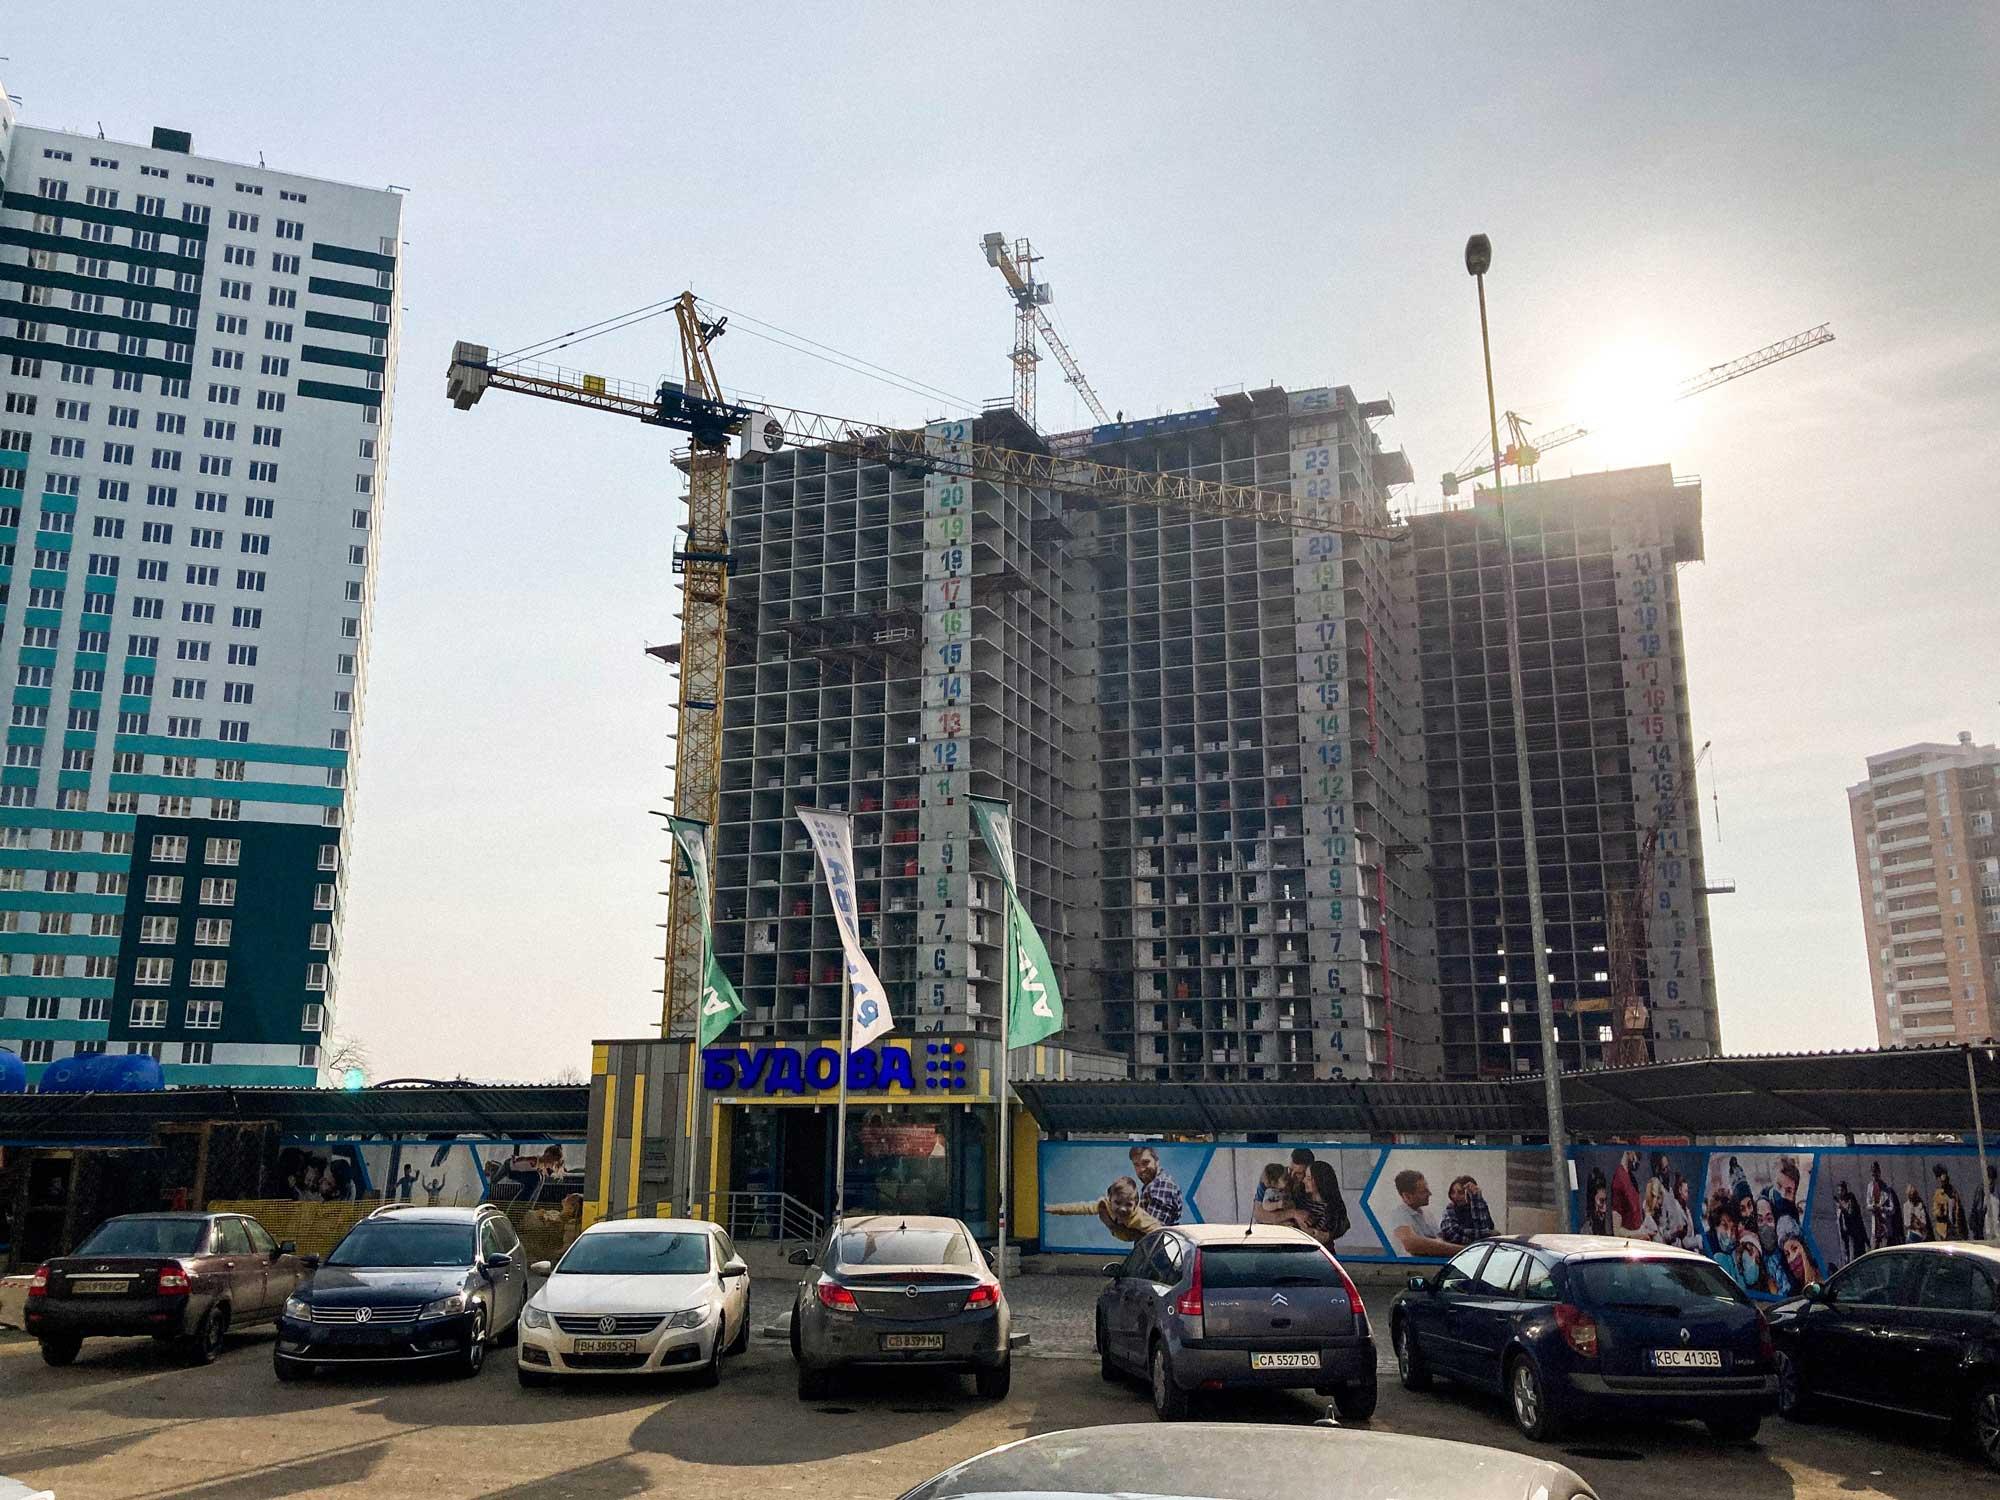 odesa property pelymski 01 - <b>75 метров беззакония.</b> В Одессе строят жилой комплекс, который угрожает полетам и госбезопасности - Заборона